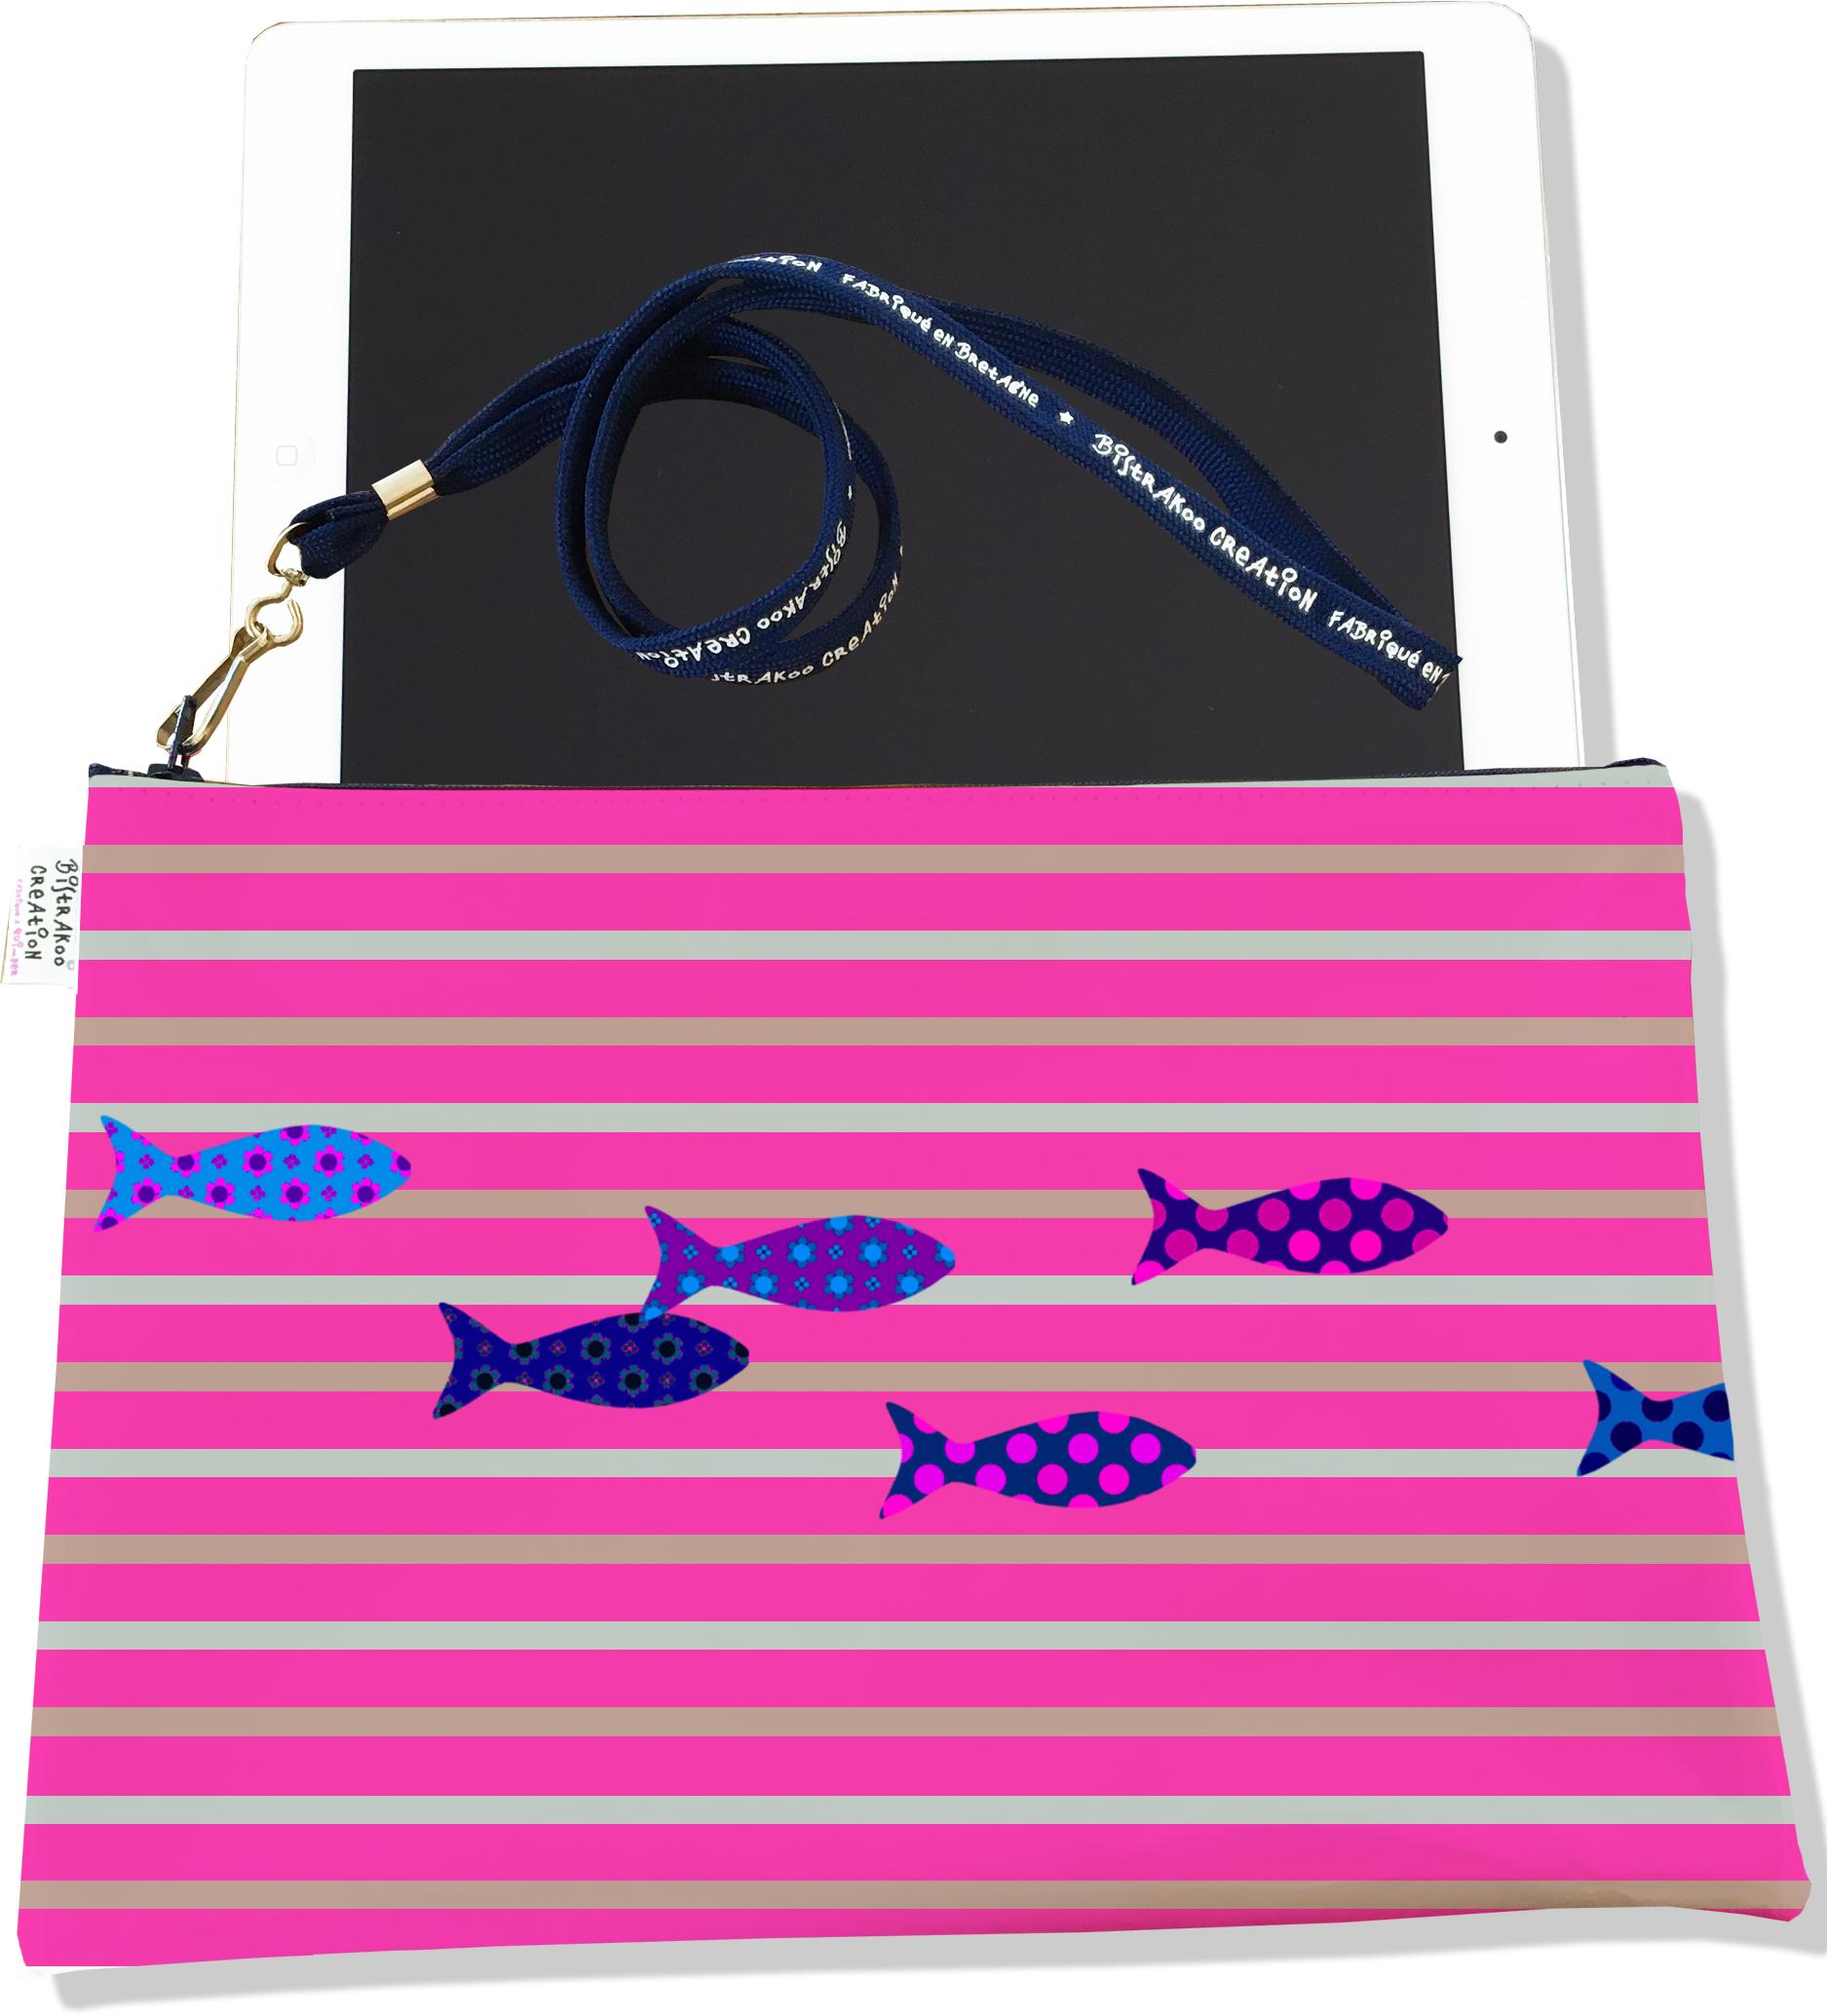 Housse pour tablette pour femme motif Marinière rose poissons multicolores 2585-2016